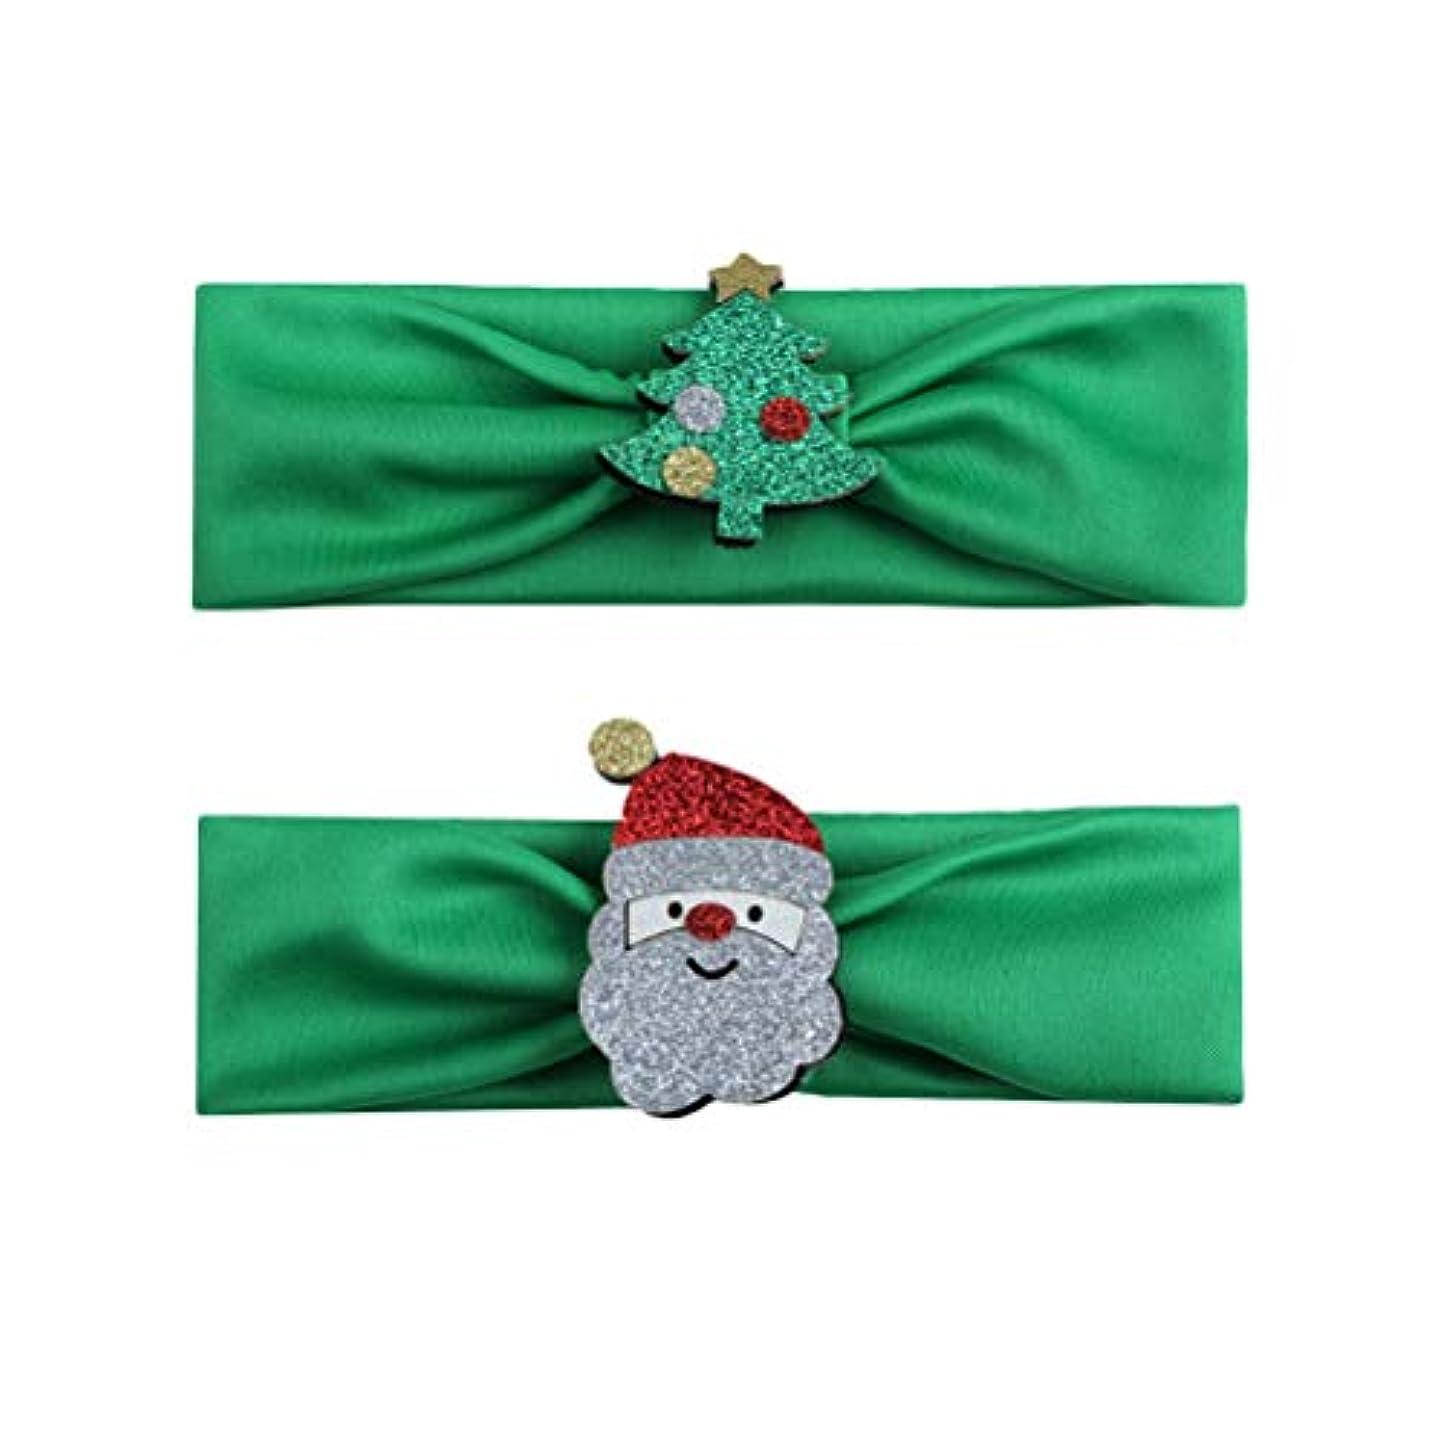 しない盆地計器BESTOYARD 2本の赤ちゃんの少女クリスマスのヘッドバンド、クリスマスツリーサンタクロースの幼児ヘアバンドアクセサリー(グリーン)